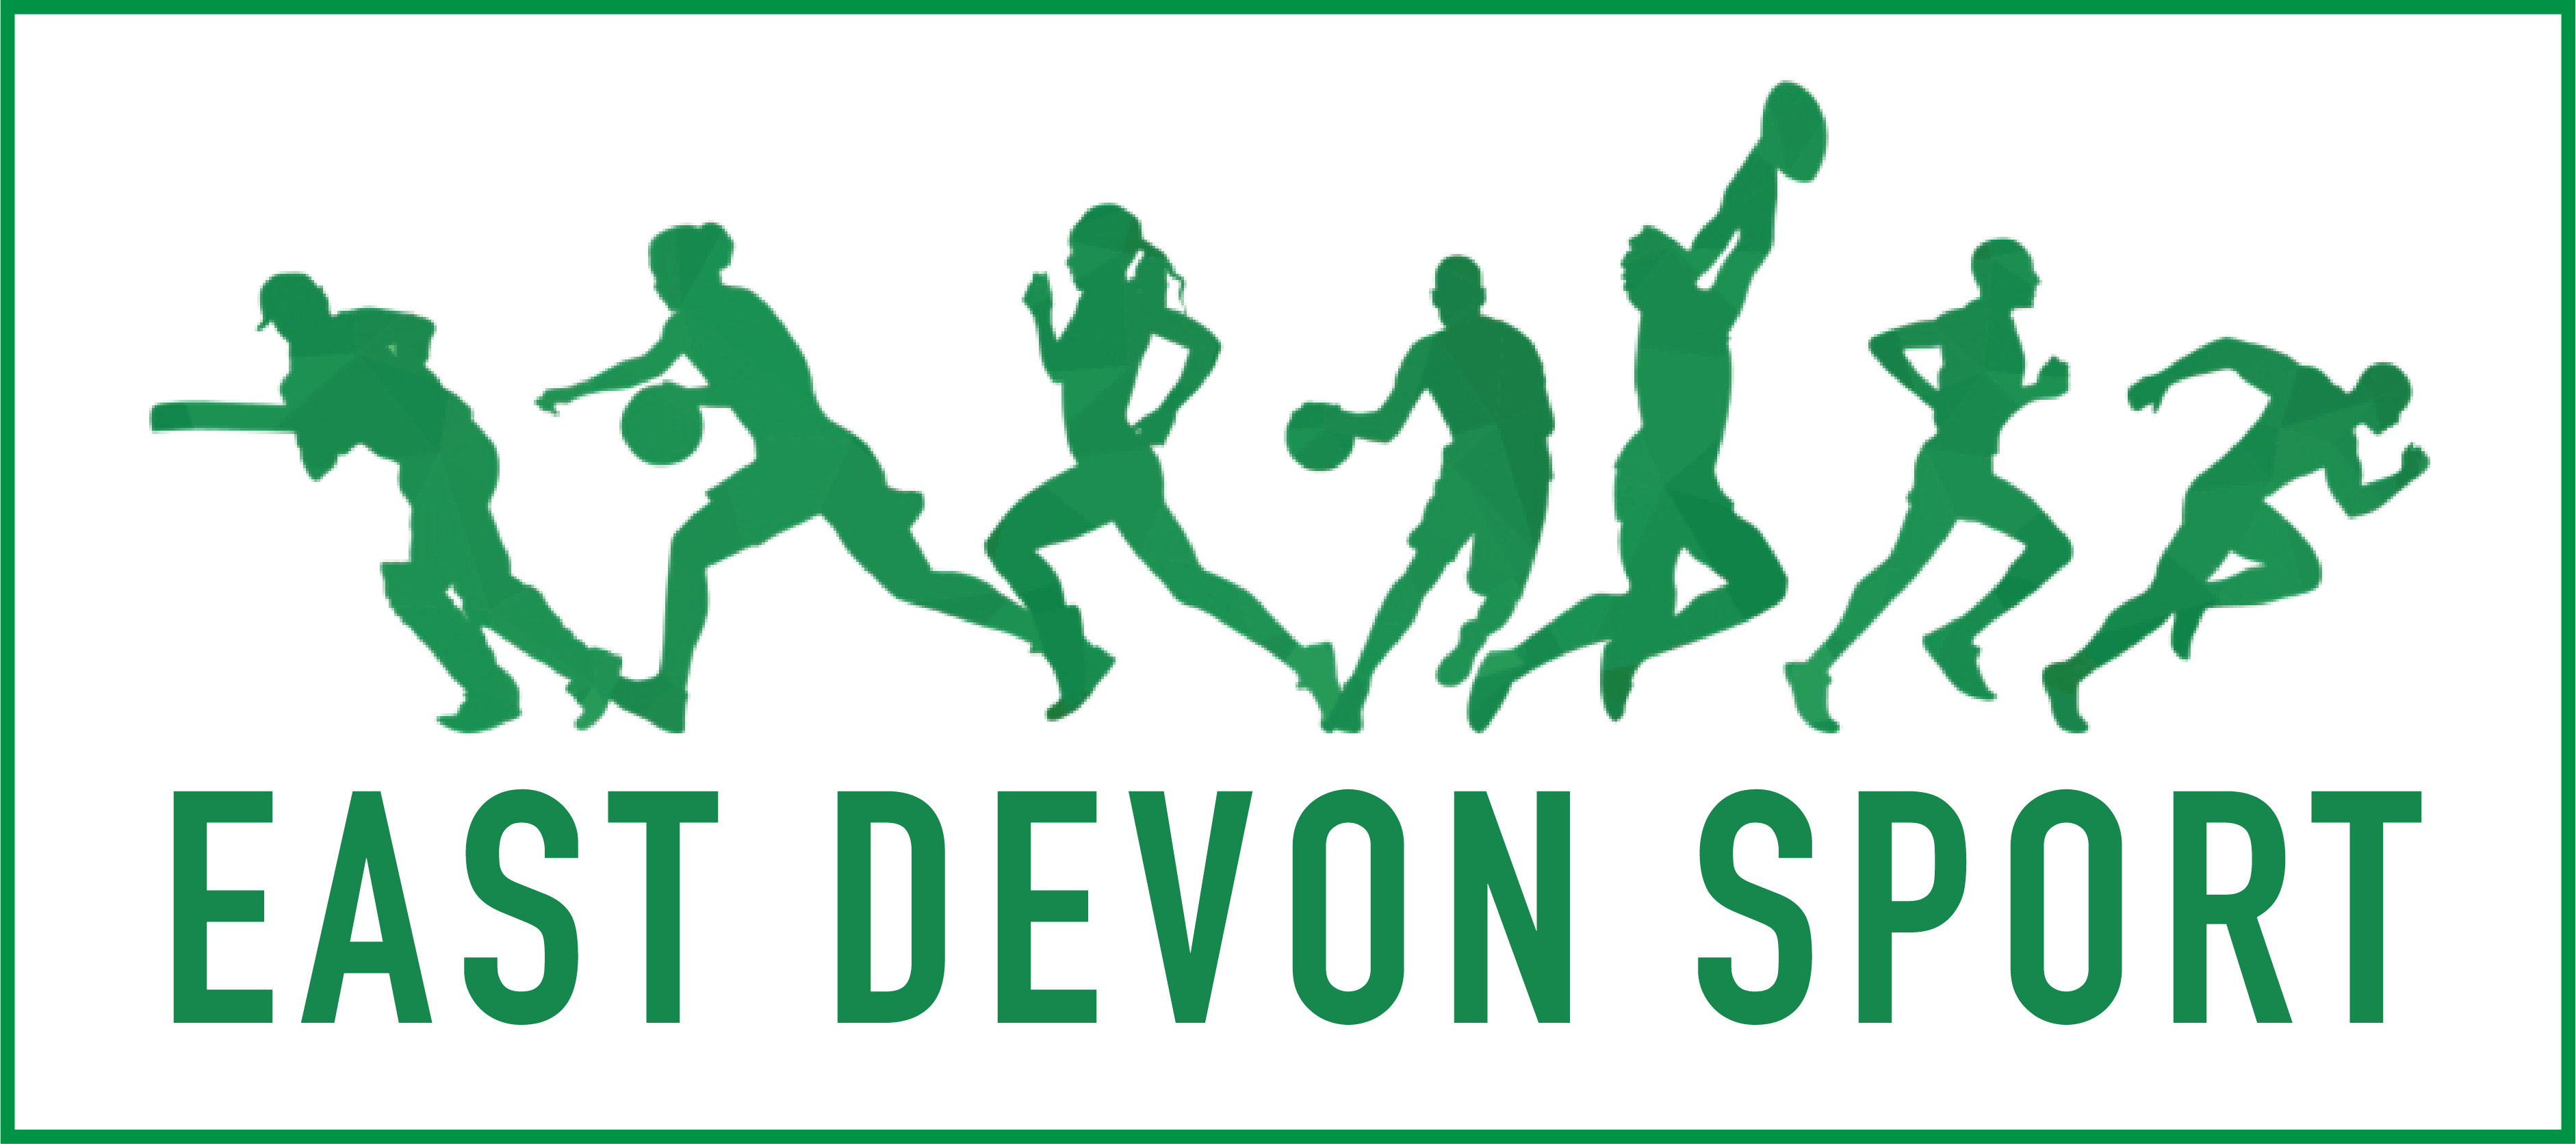 East Devon sport